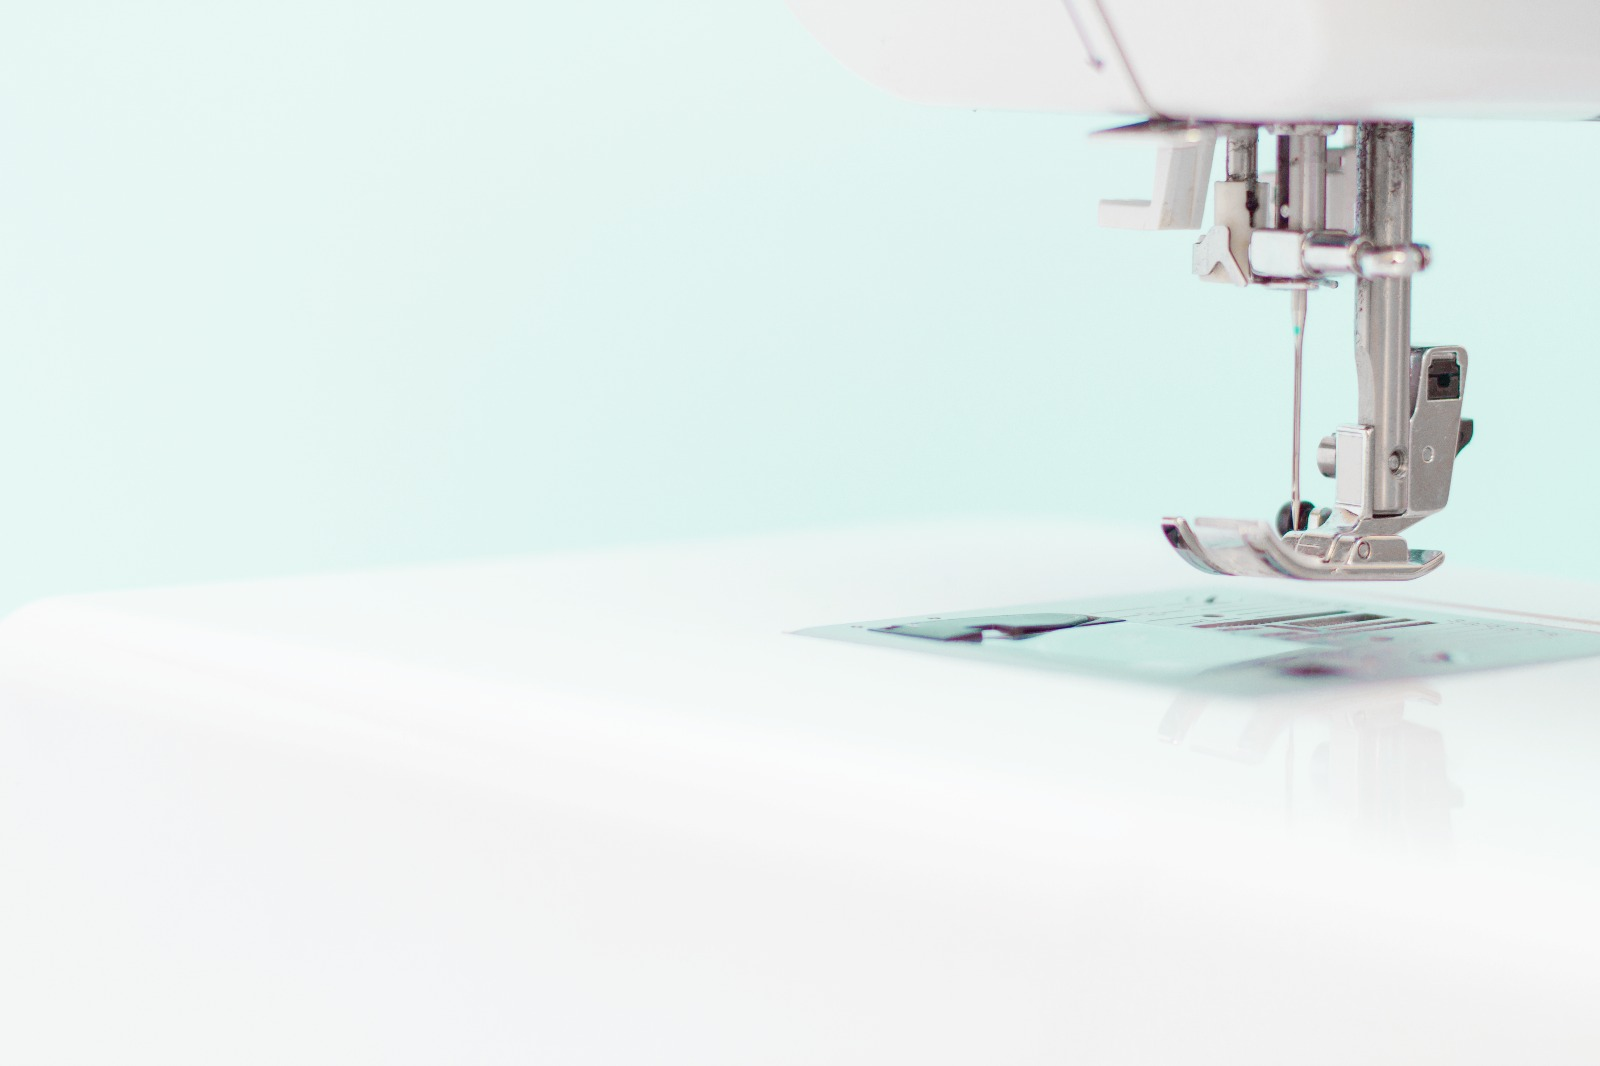 Aprende a coser con tu máquina de coser paso a paso desde casa Cursos